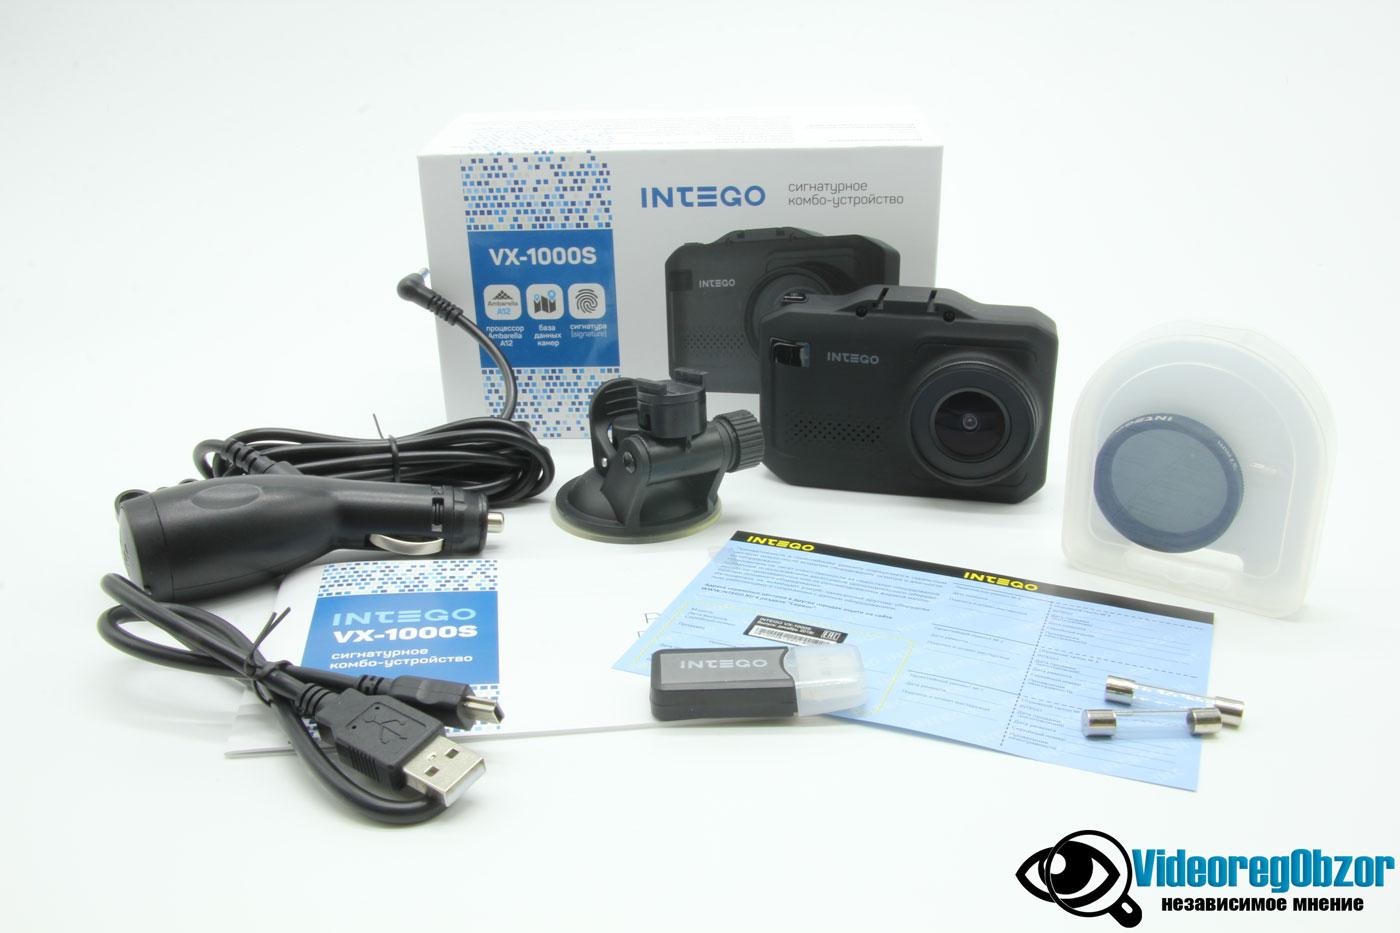 INTEGO VX 1000S 1